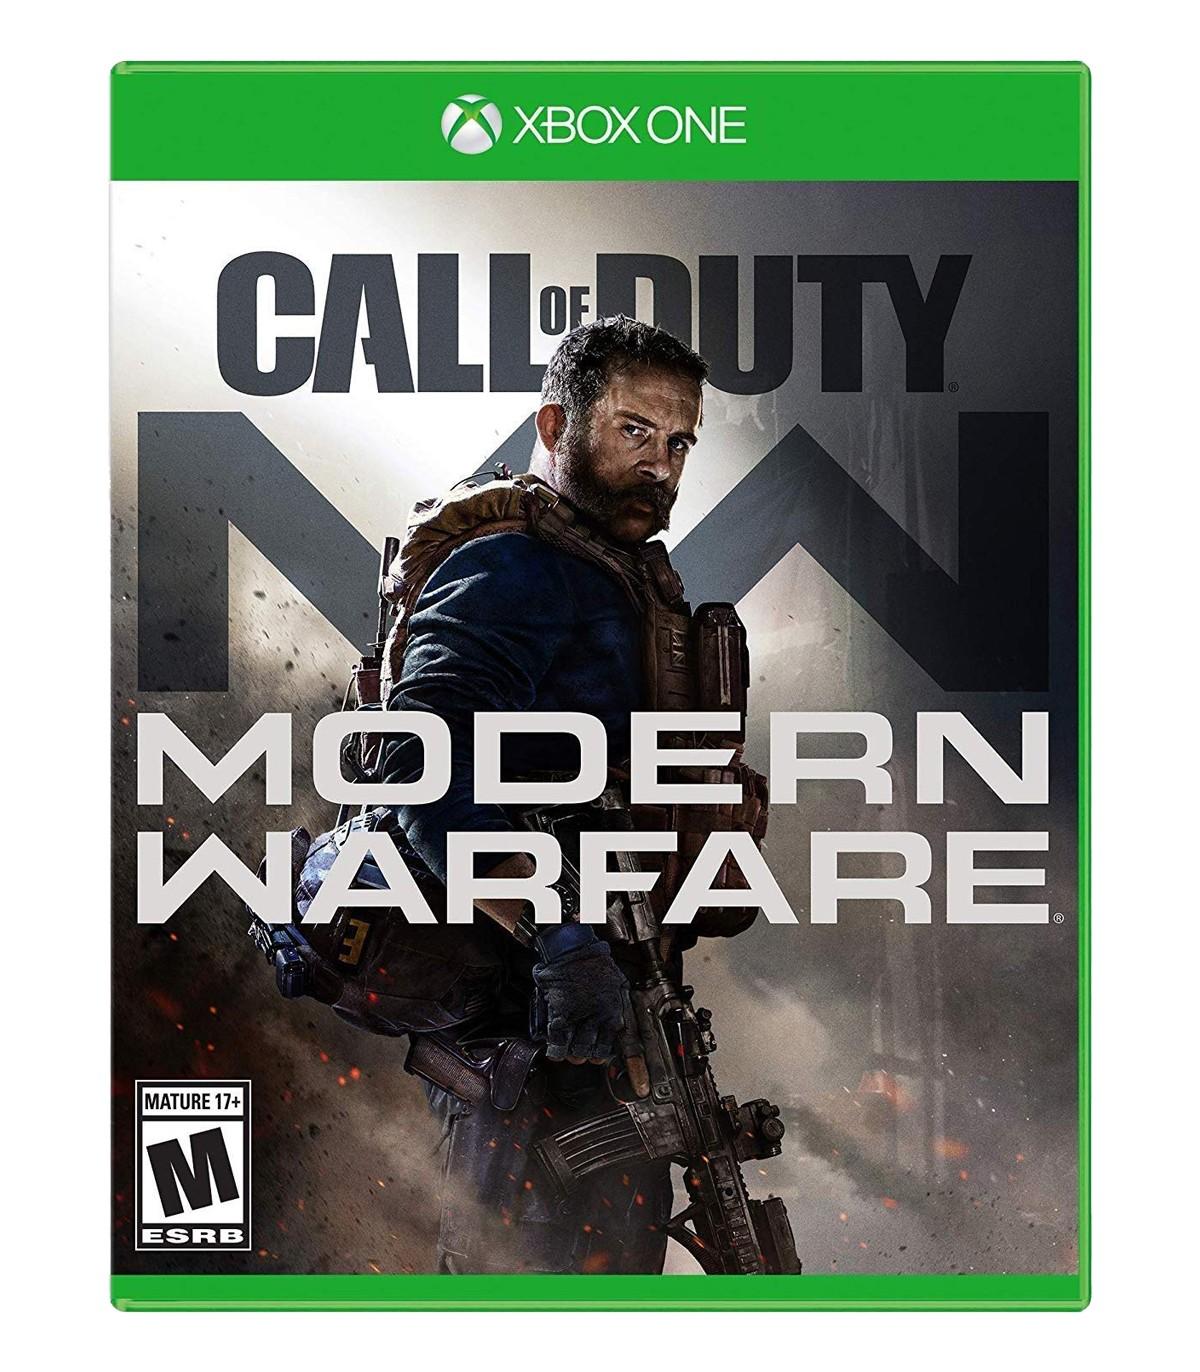 بازی Call of Duty Modern Warfare کارکرده - ایکس باکس وان